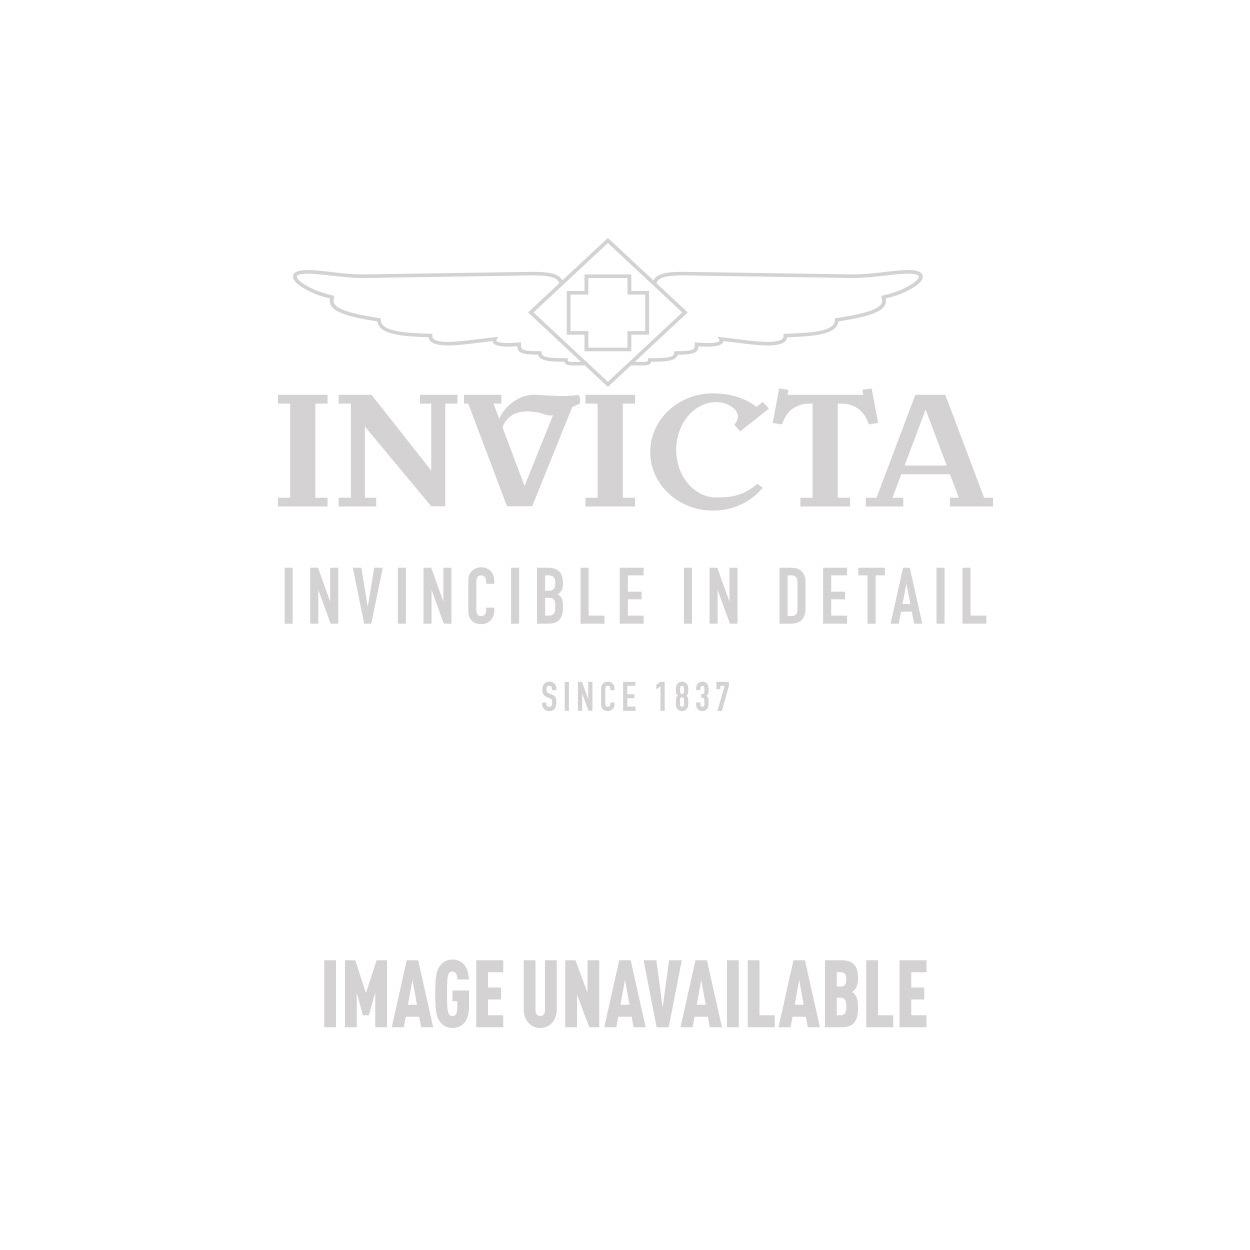 Invicta Model 28395